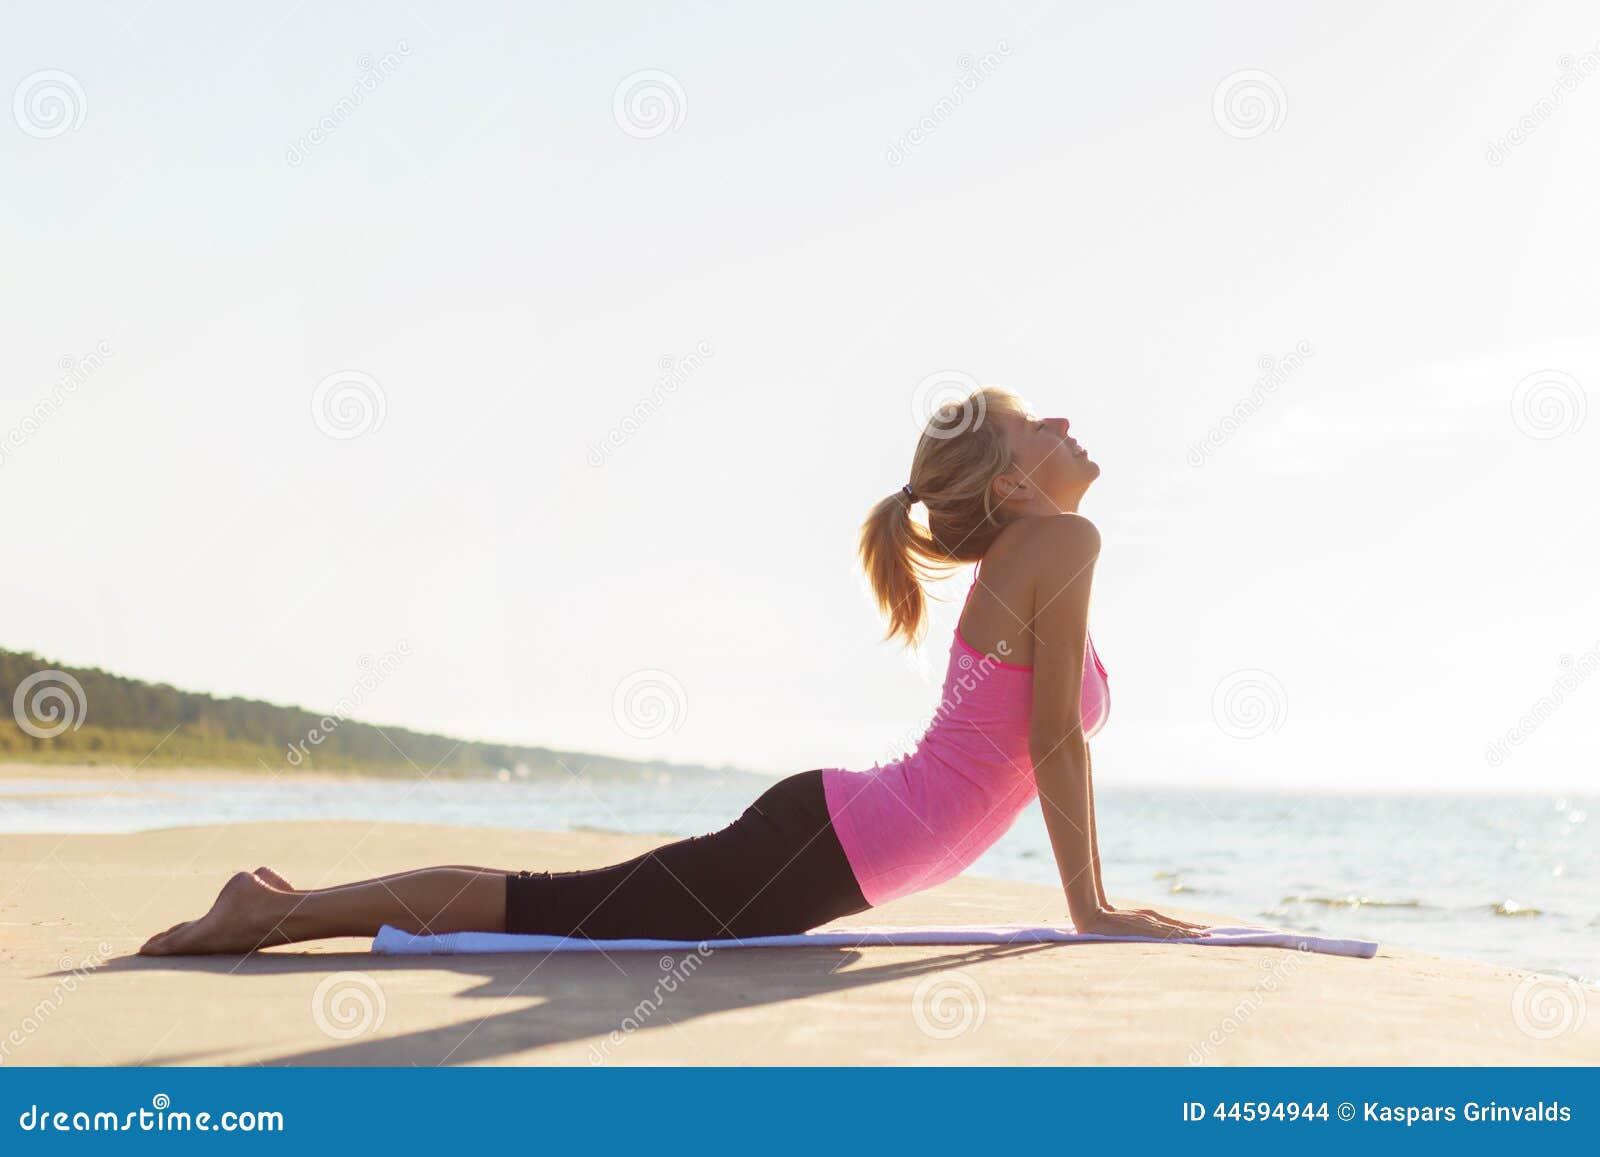 Silhouet van jonge gezonde en geschikte vrouw het praktizeren yoga